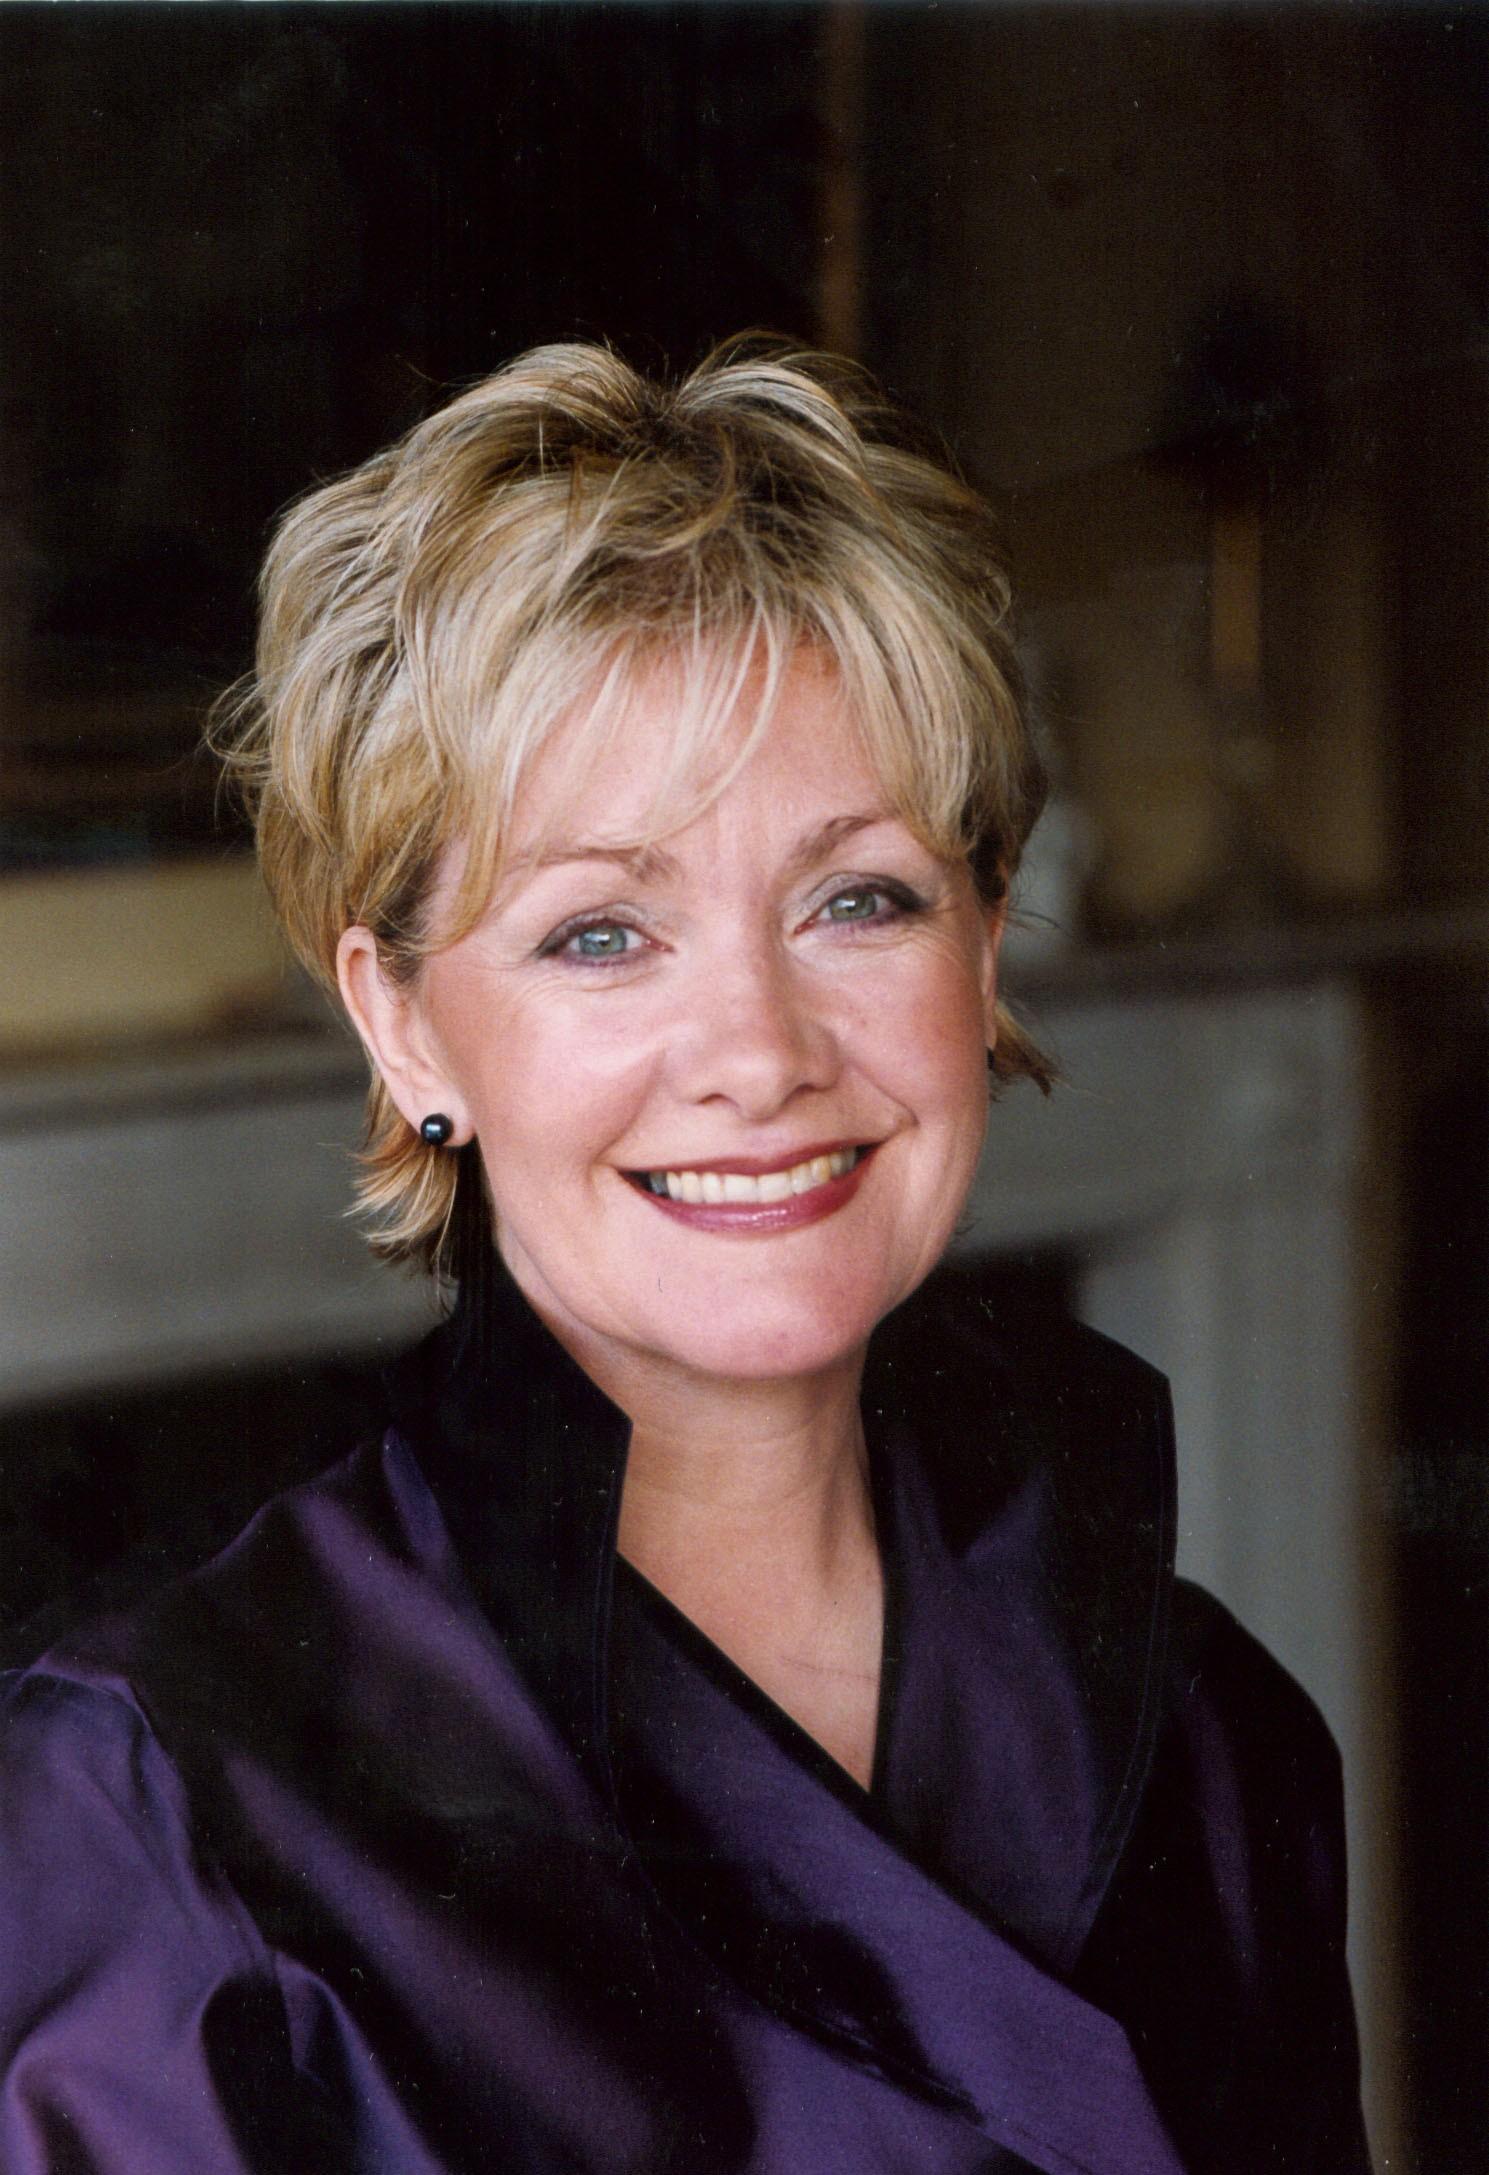 Lynne Dawson Net Worth